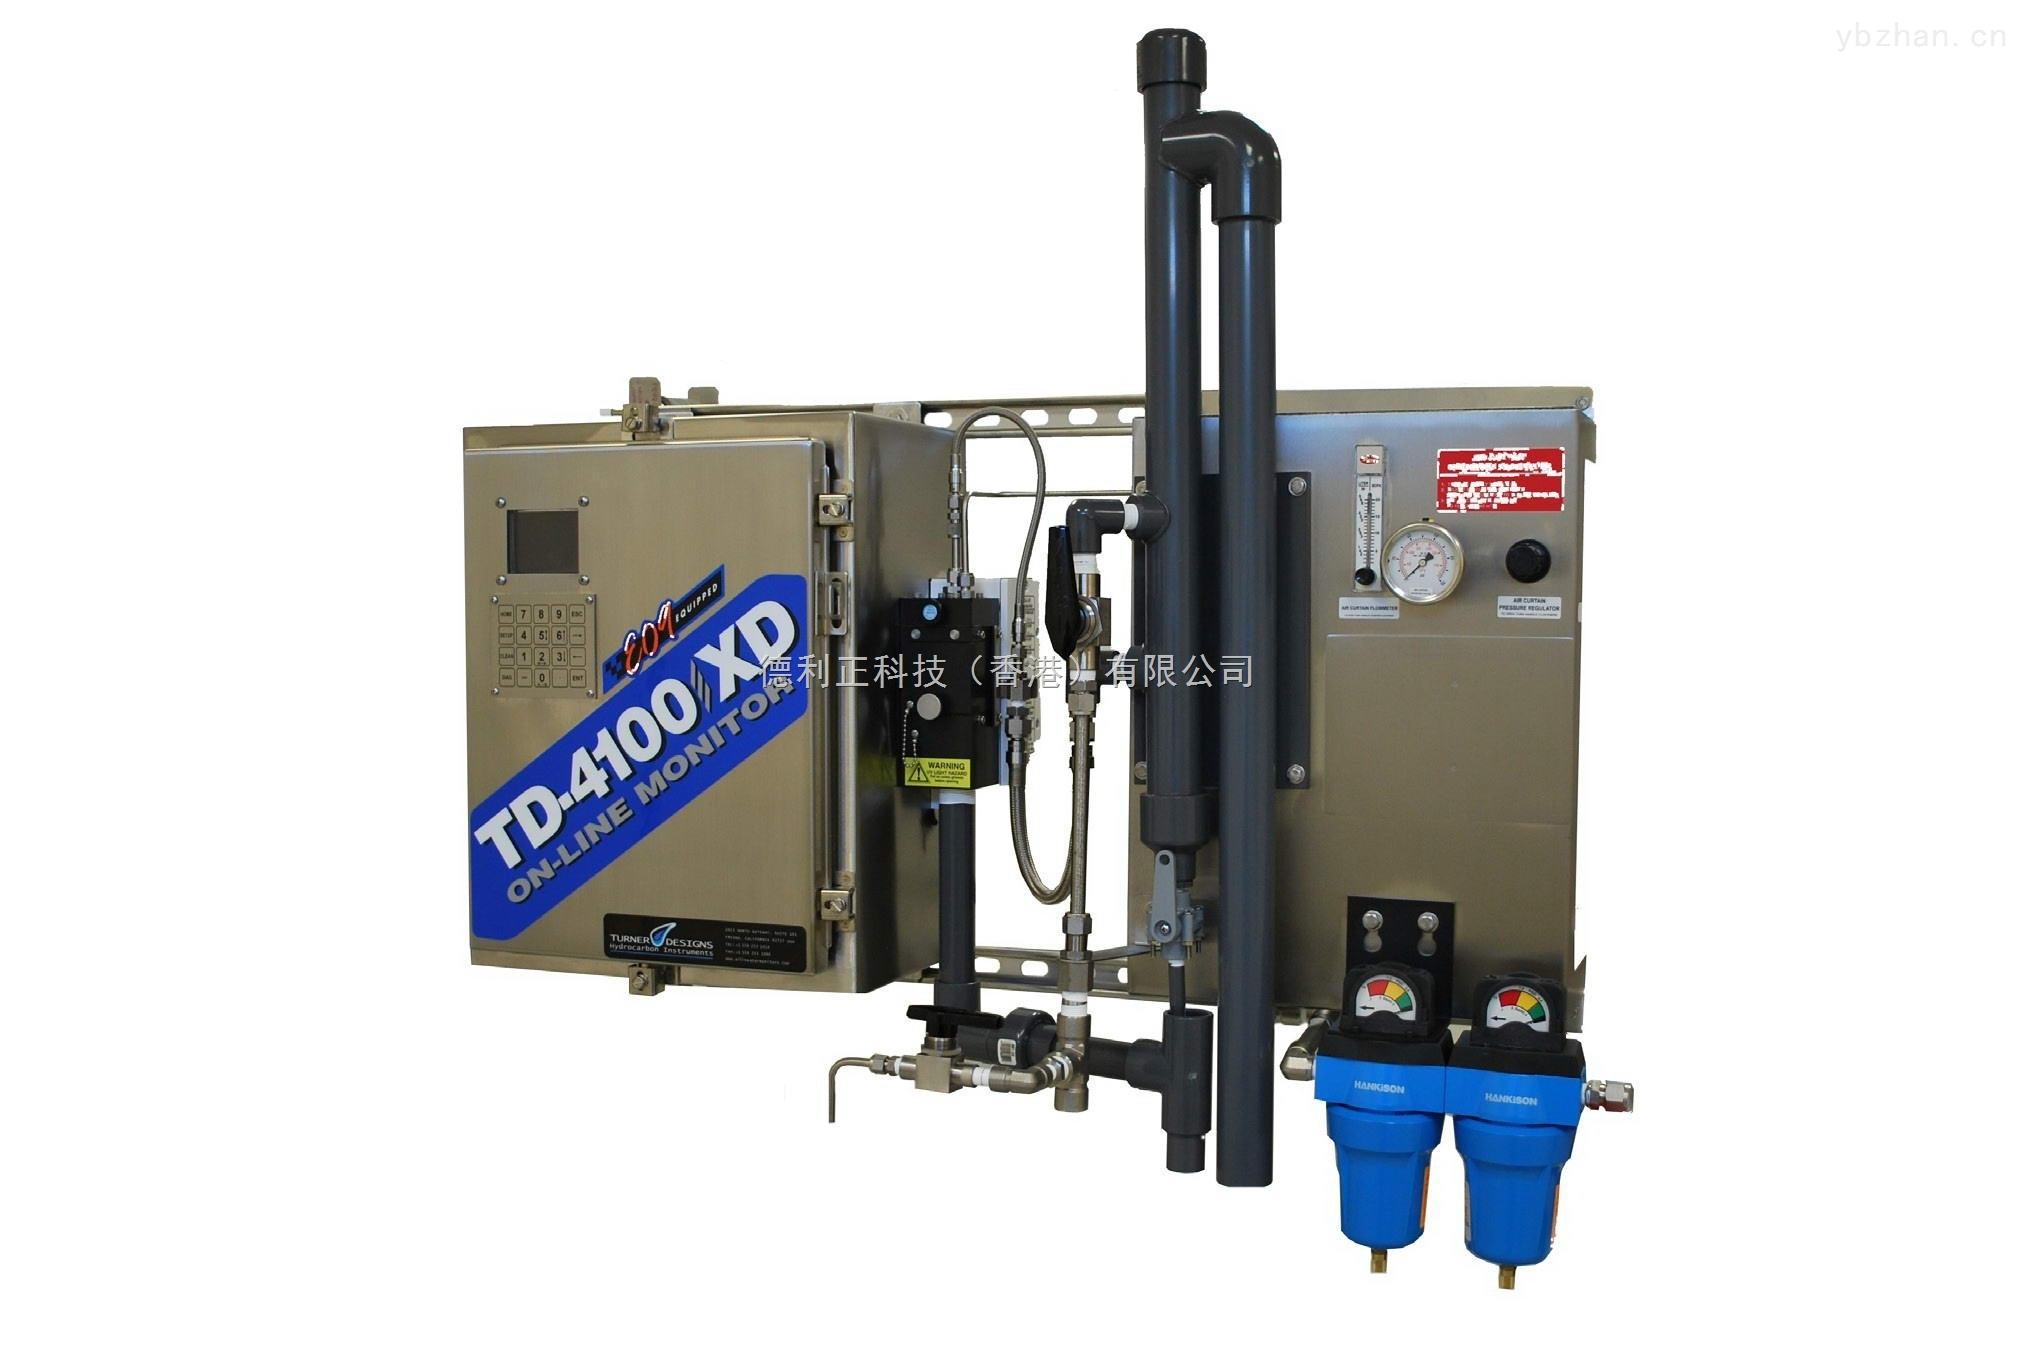 TD-4100XD-美國特納TD-4100XD水中油監測儀(專注測油二十年)